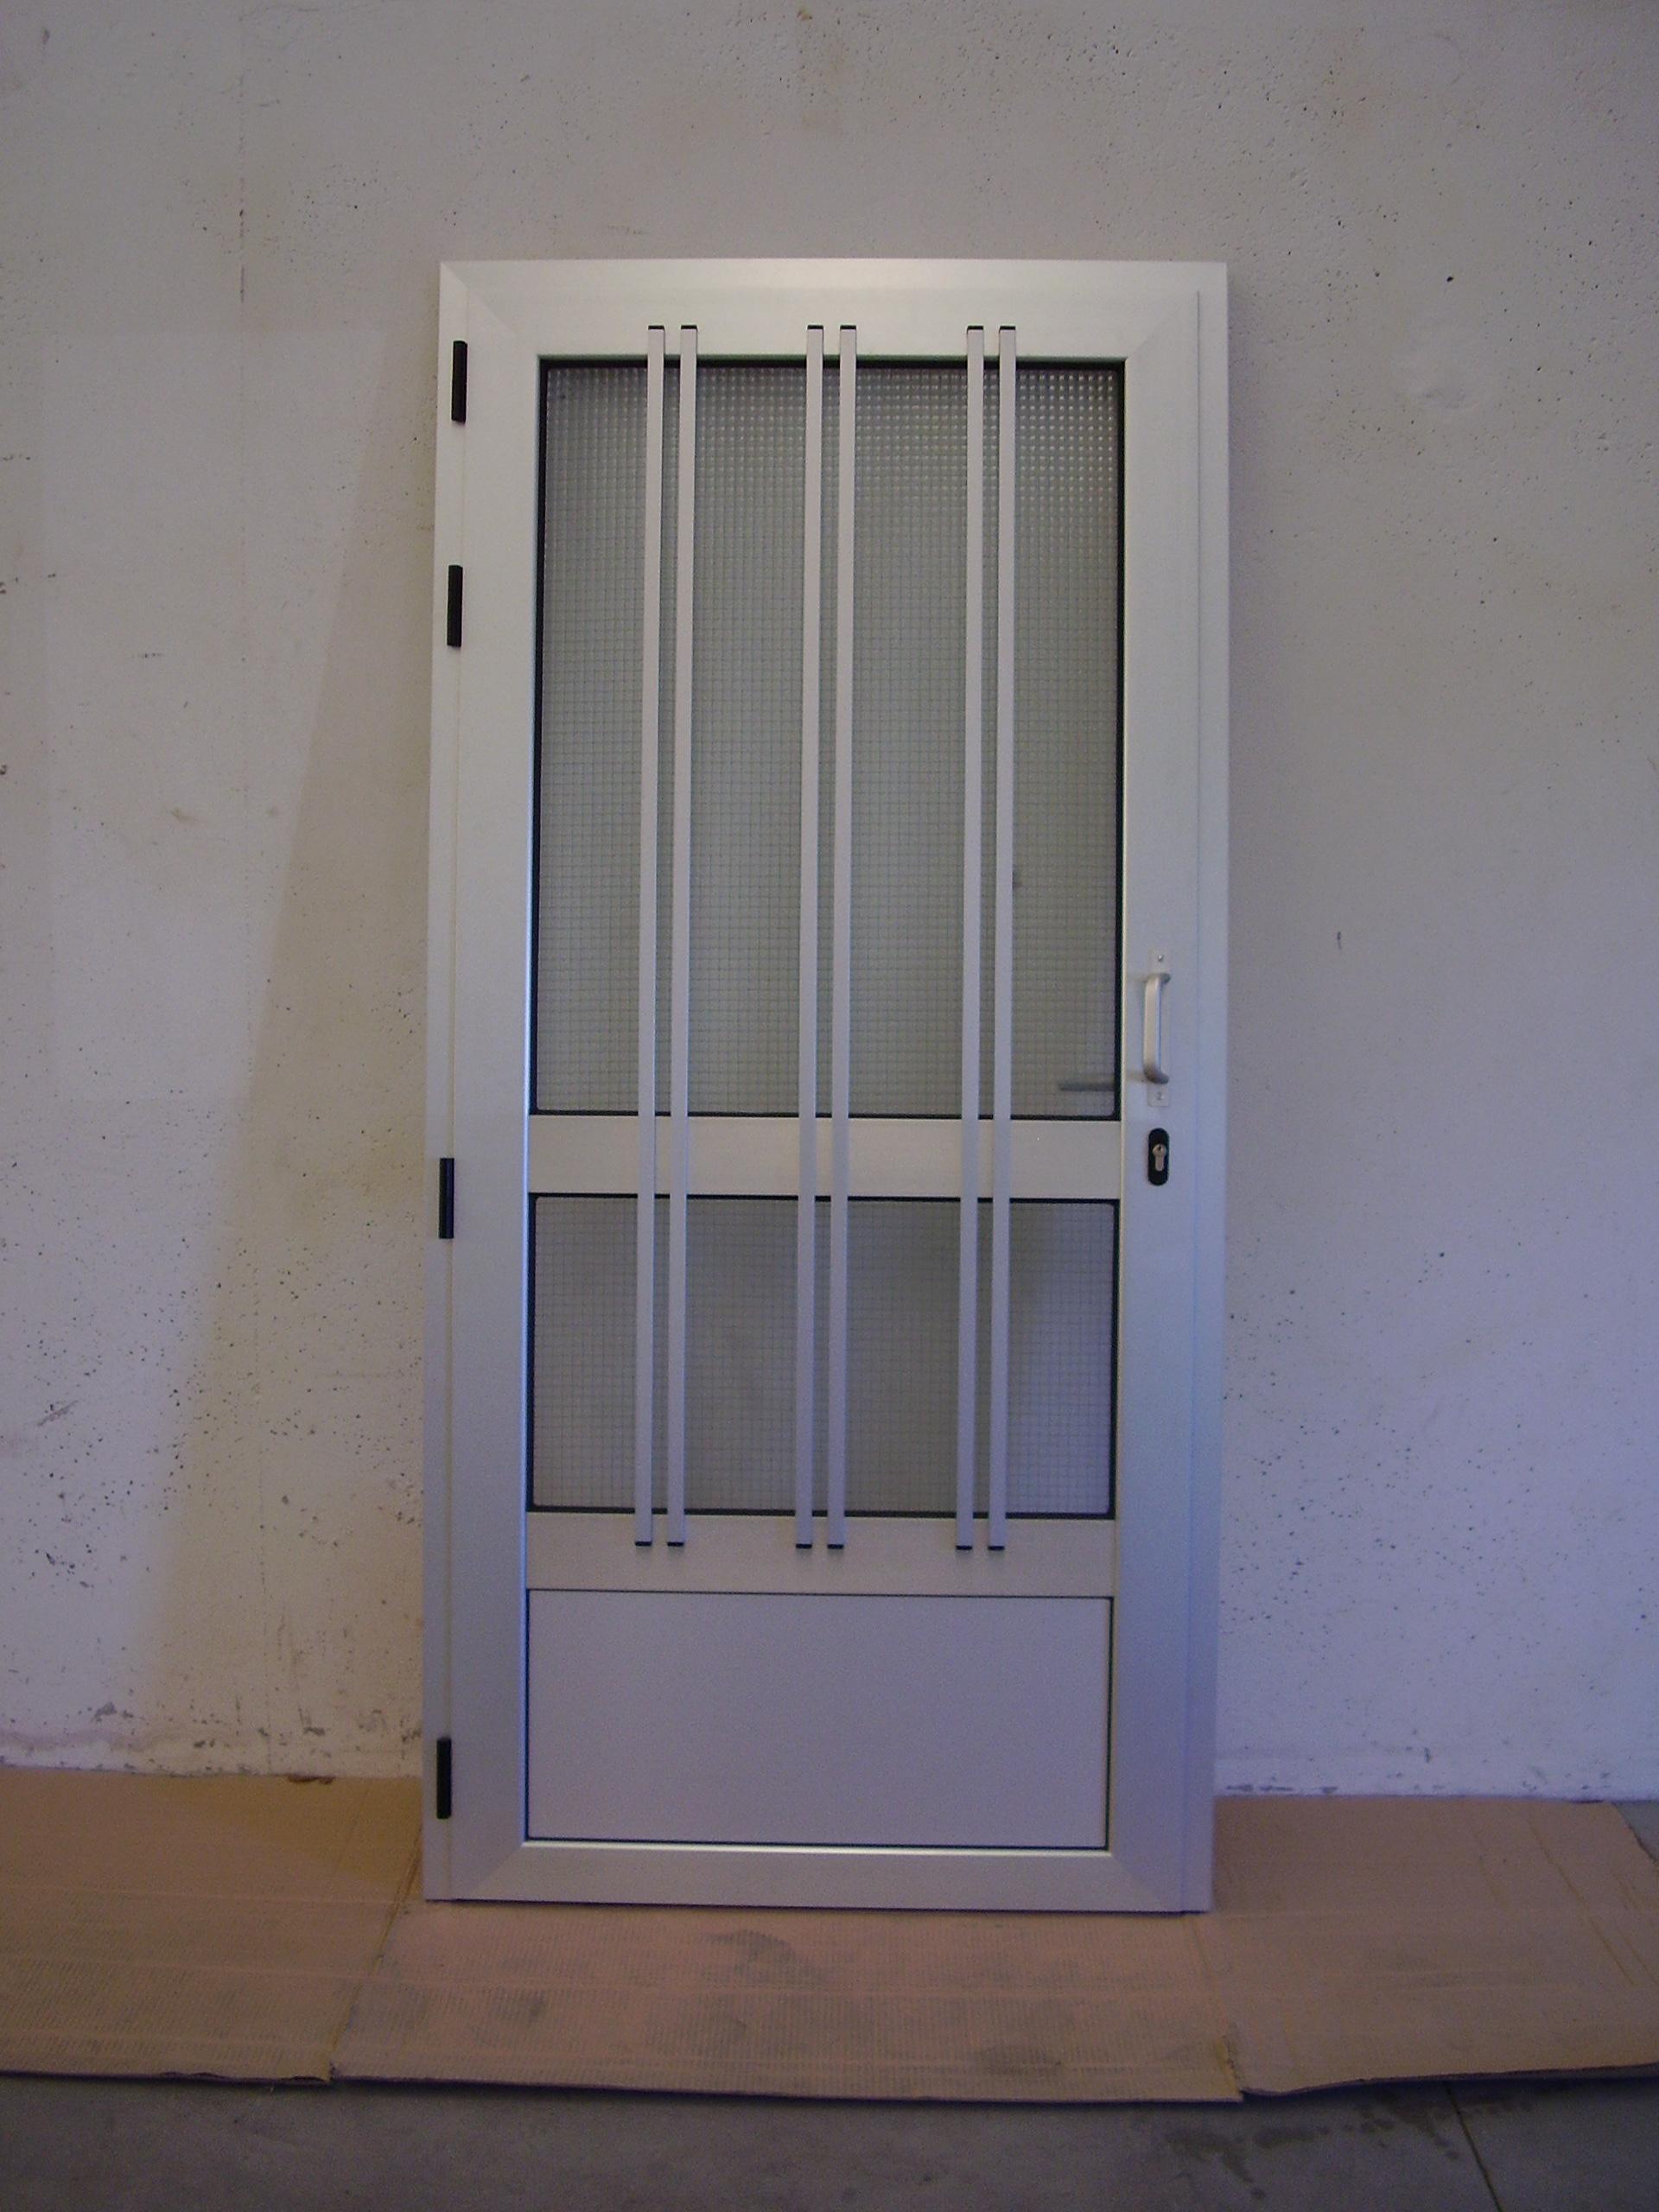 Puerta con tubos formando reja